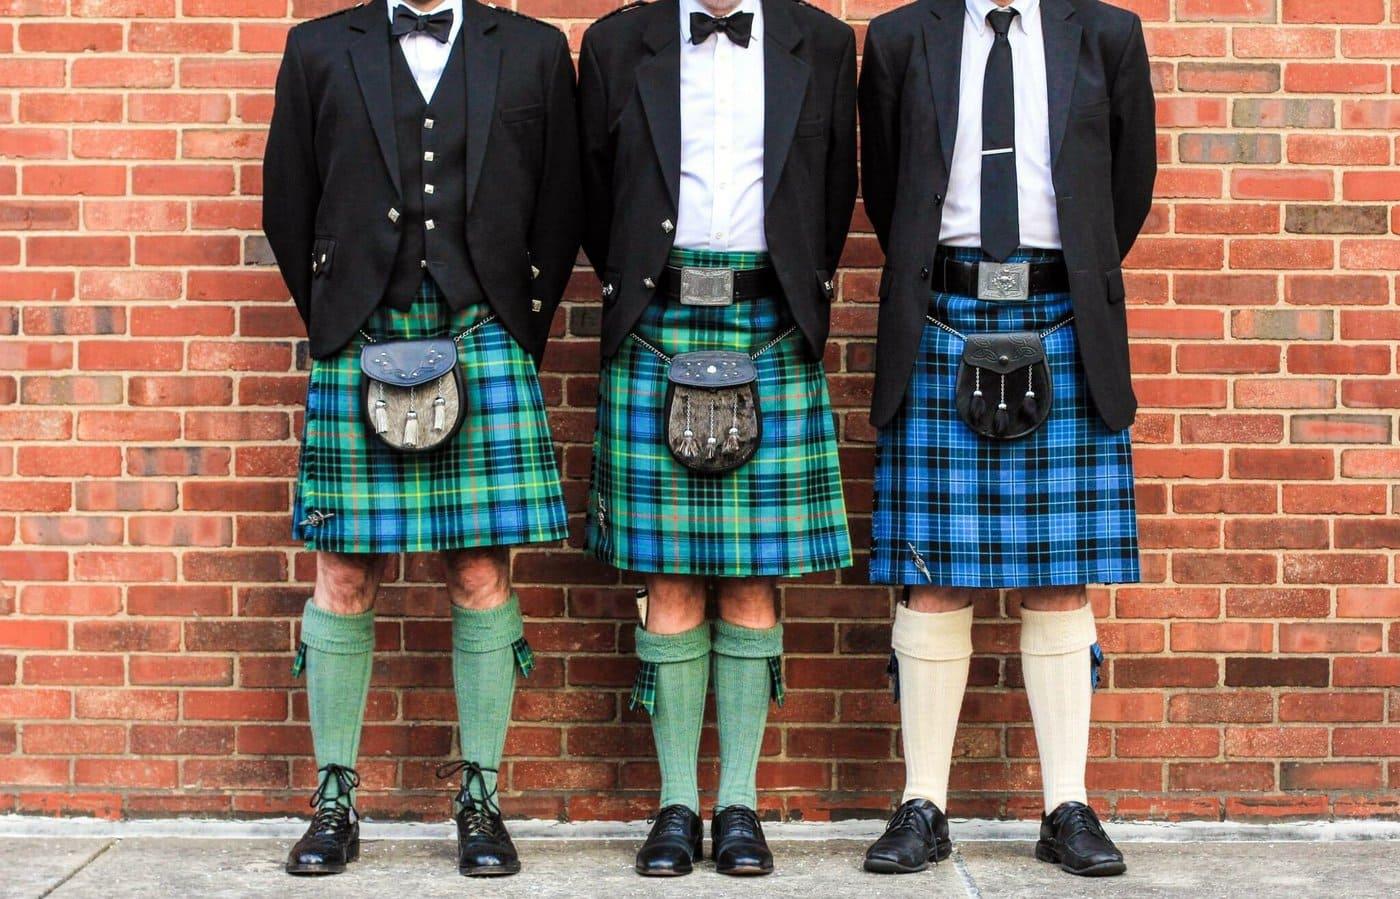 Kilts - Tartan - Plaid - Scottish and Irish Mc and Mac